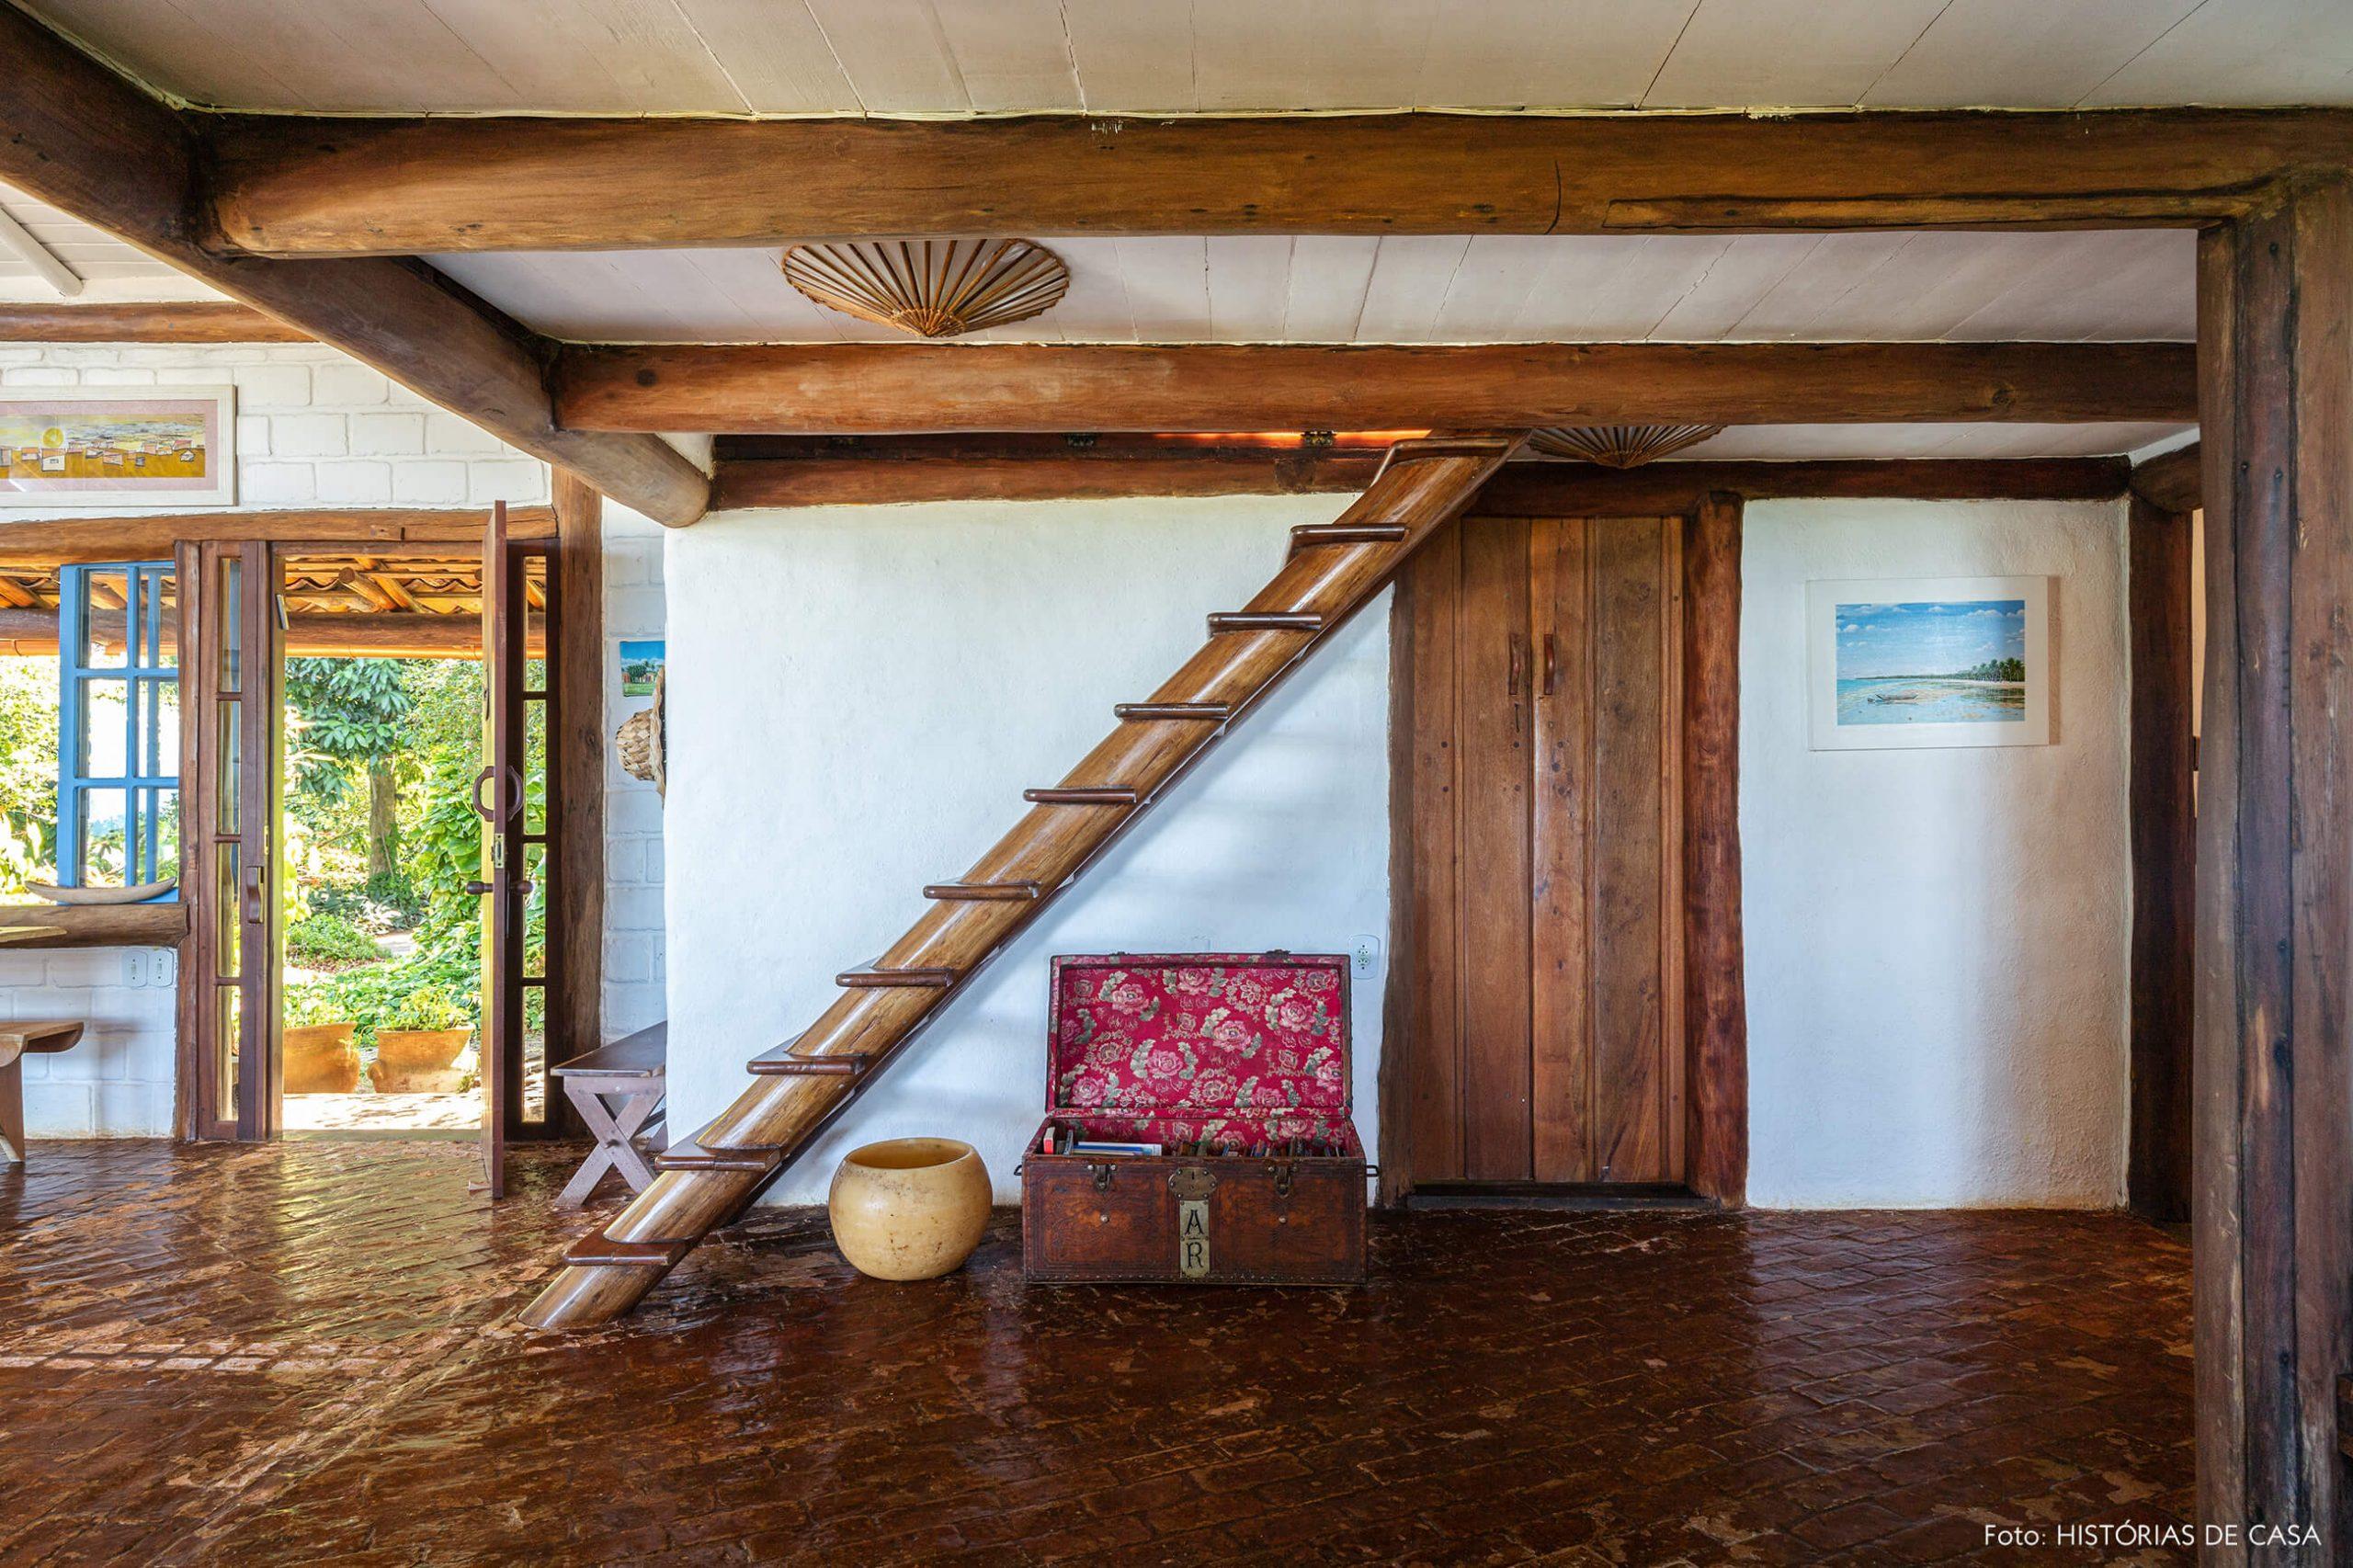 estrutura-de-madeira-e-bau-antigo